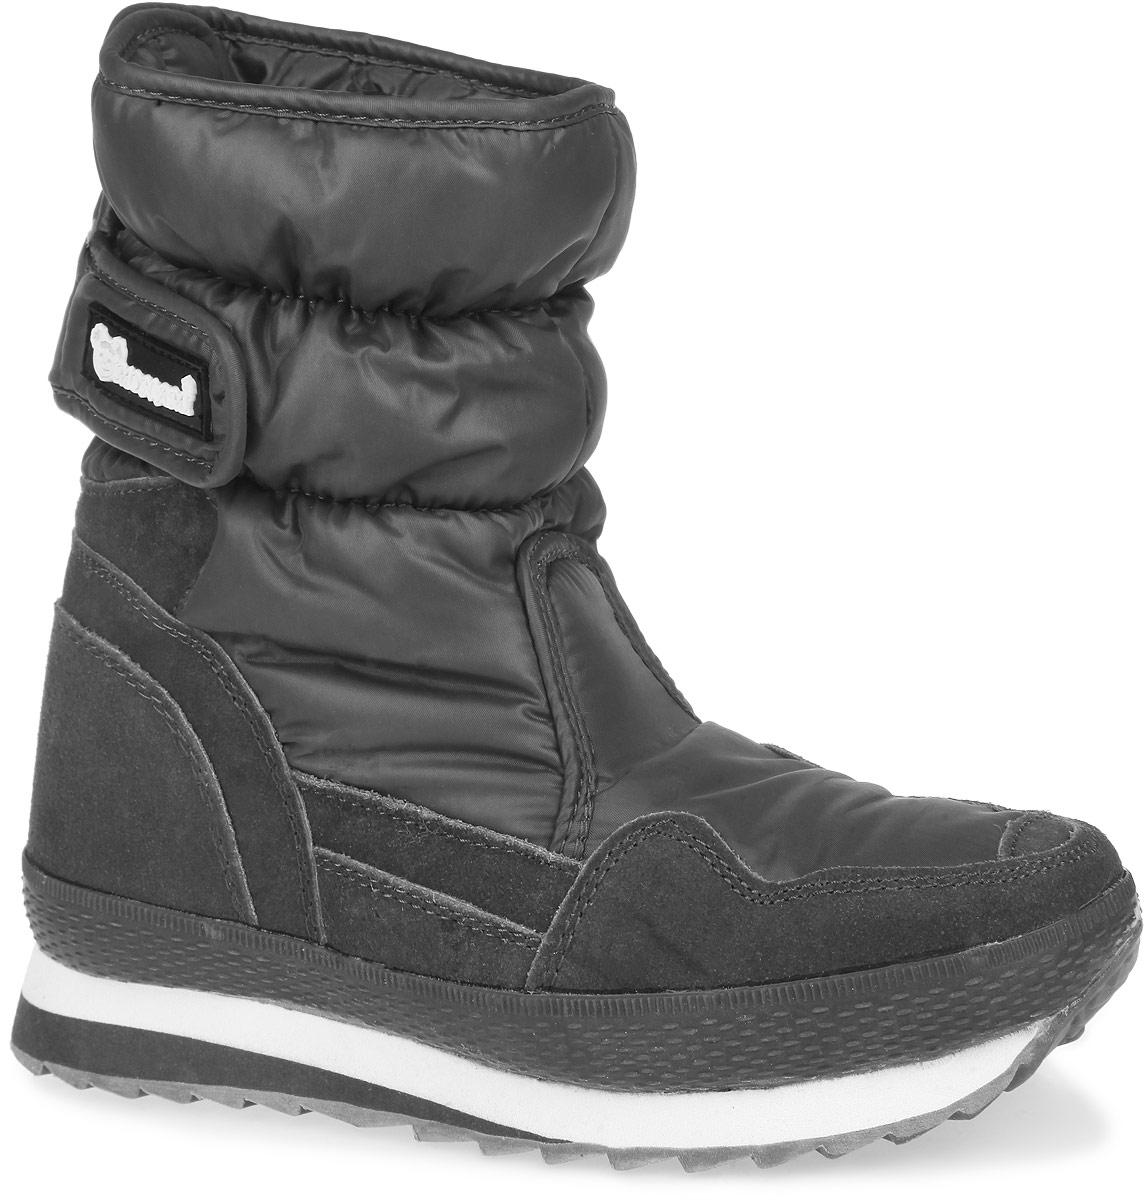 RC825-2-17/GREYПрактичные и удобные женские дутики от Mon Ami - отличный вариант на каждый день. Модель выполнена из комбинации водоотталкивающей плащевой ткани и искусственного спилка. По ранту обувь дополнена вставкой из полимерного материала. Верх изделия оформлен двумя удобными застежками-липучками, которые надежно фиксируют модель на ноге и регулируют объем. Подкладка и анатомическая стелька, изготовленные из искусственного меха, согреют ноги в мороз и обеспечат уют. Сбоку дутики украшены нашивкой из ПВХ с логотипом бренда. Подошва из полимерного термопластичного материала - с противоскользящим рифлением. Удобные дутики придутся вам по душе.